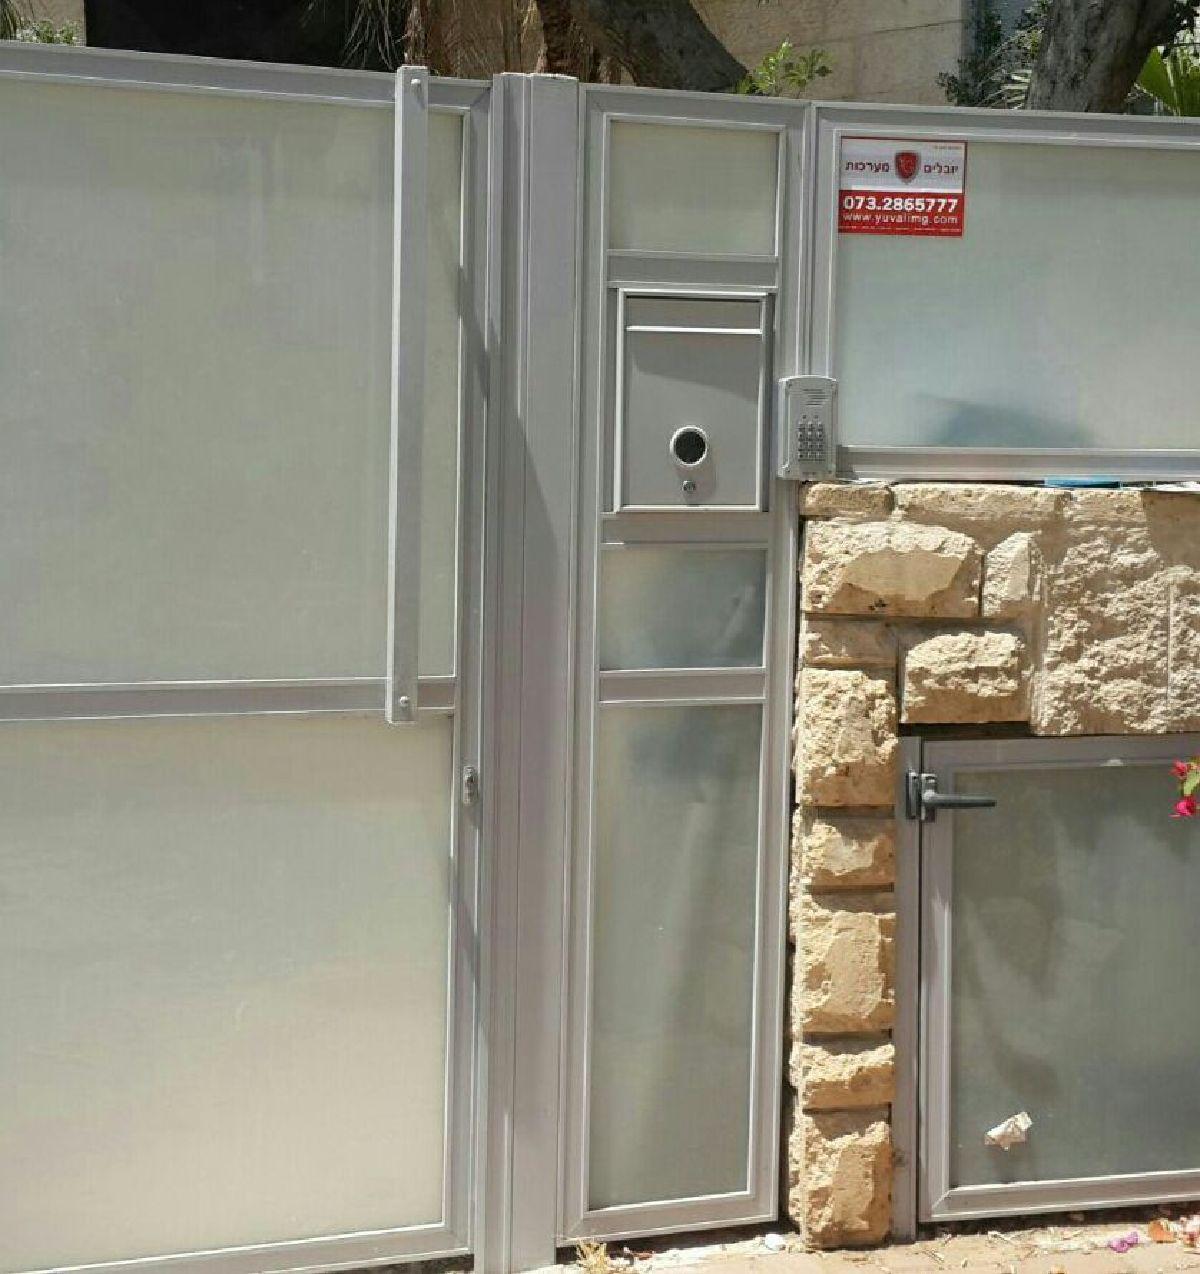 שערים - שערים  עם שילובי זכוכית - שער כניסה זכוכית חלבית